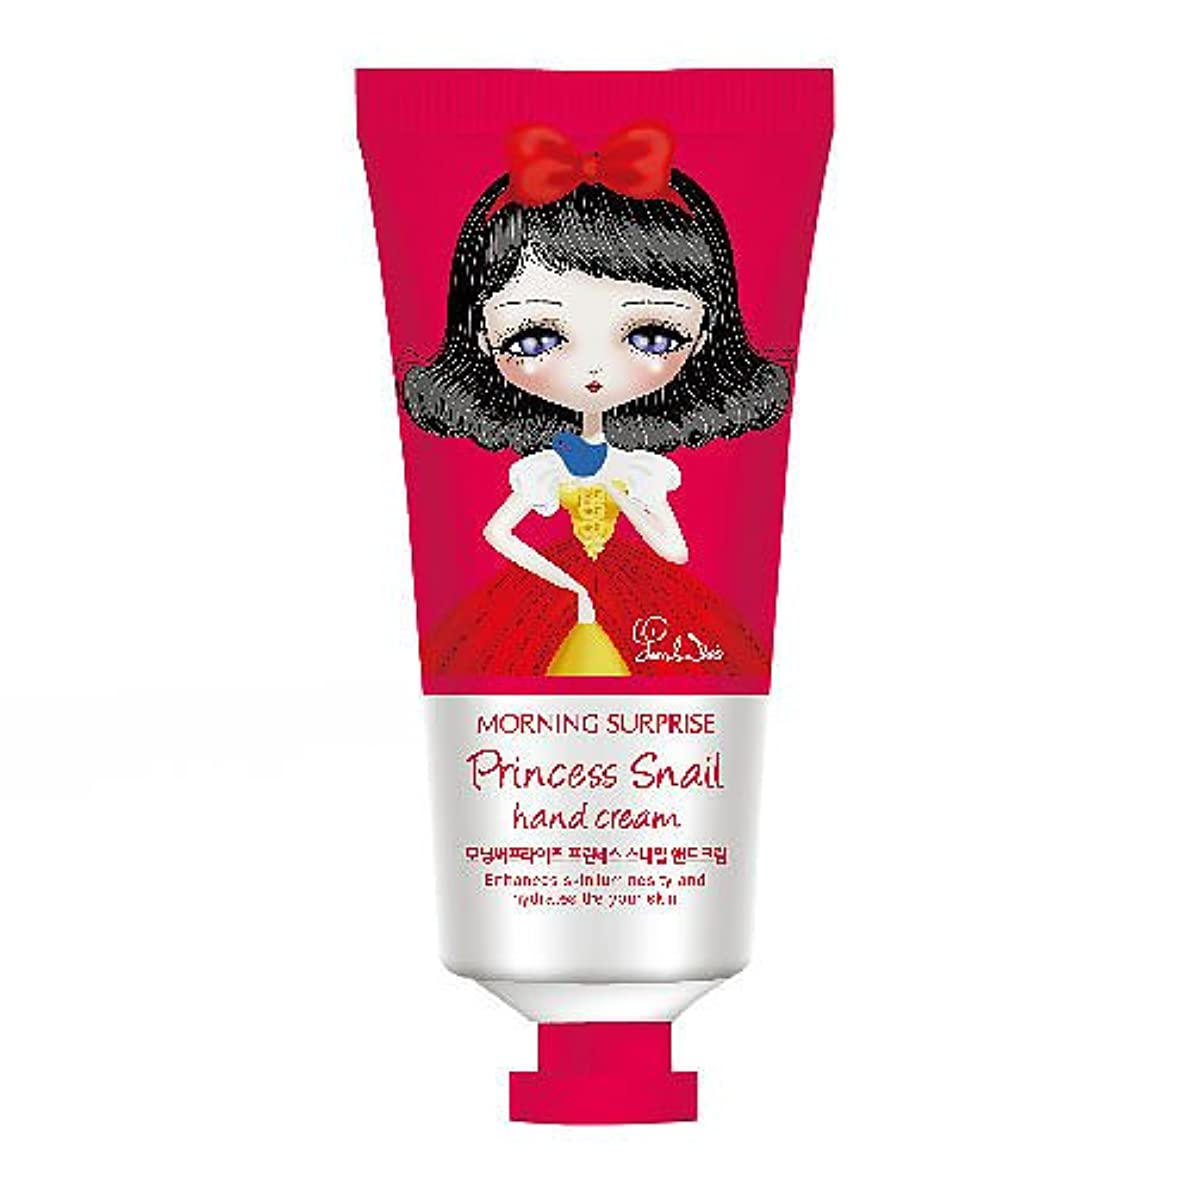 楽観優勢ゲージモーニングサプライズ ハンドクリーム(MORNING SURPRISE Hand Cream)【韓国コスメ】 (プリセンススネイル)